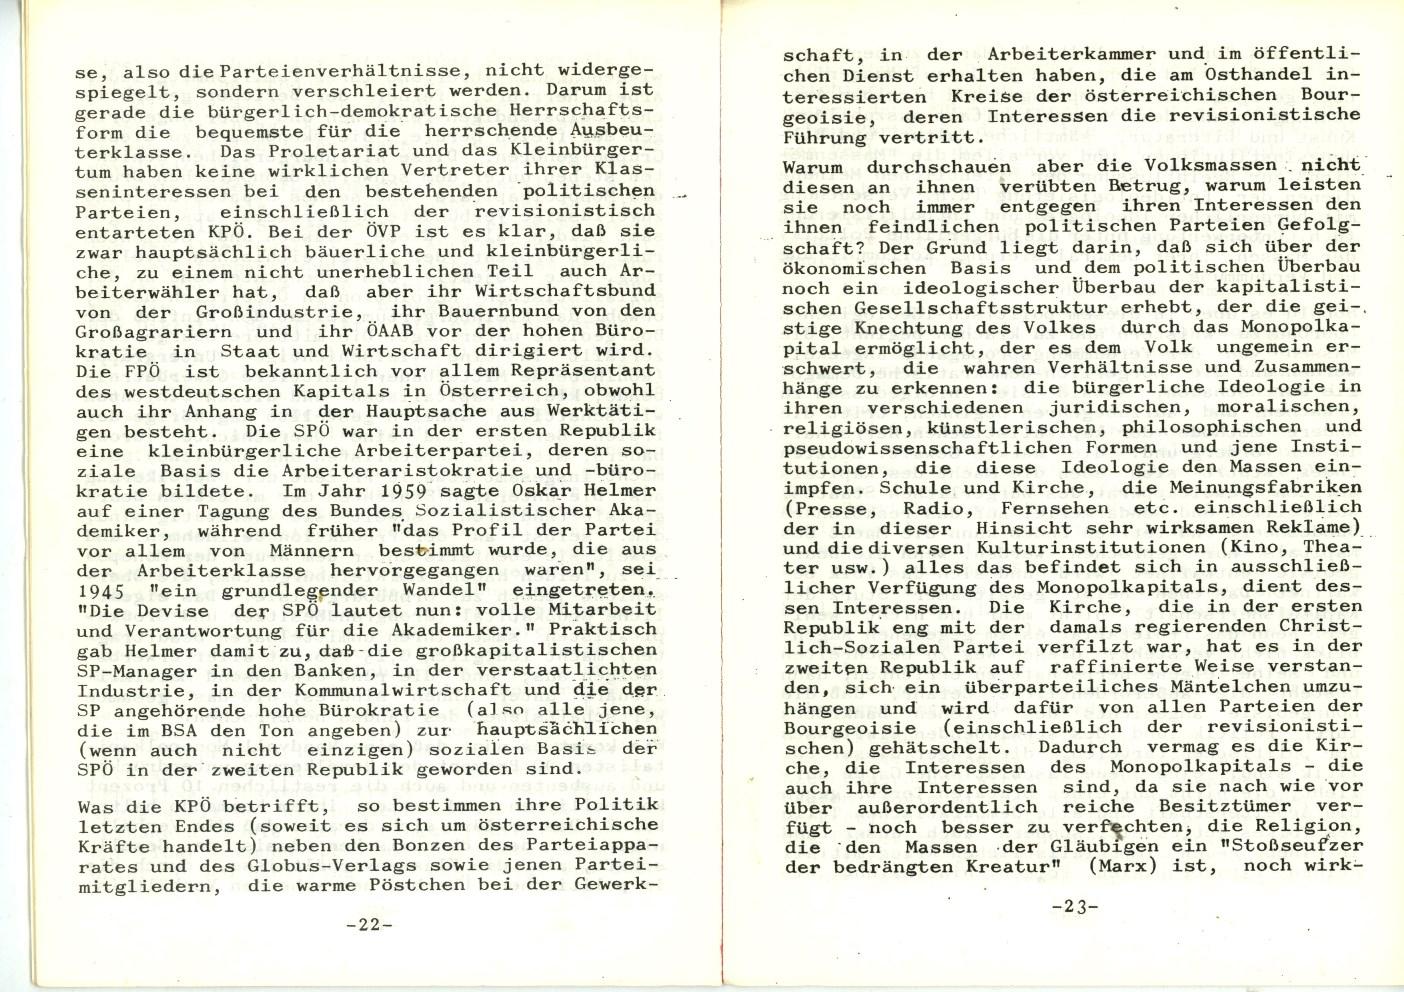 VRA_Grundsatzerklaerung_1971_13